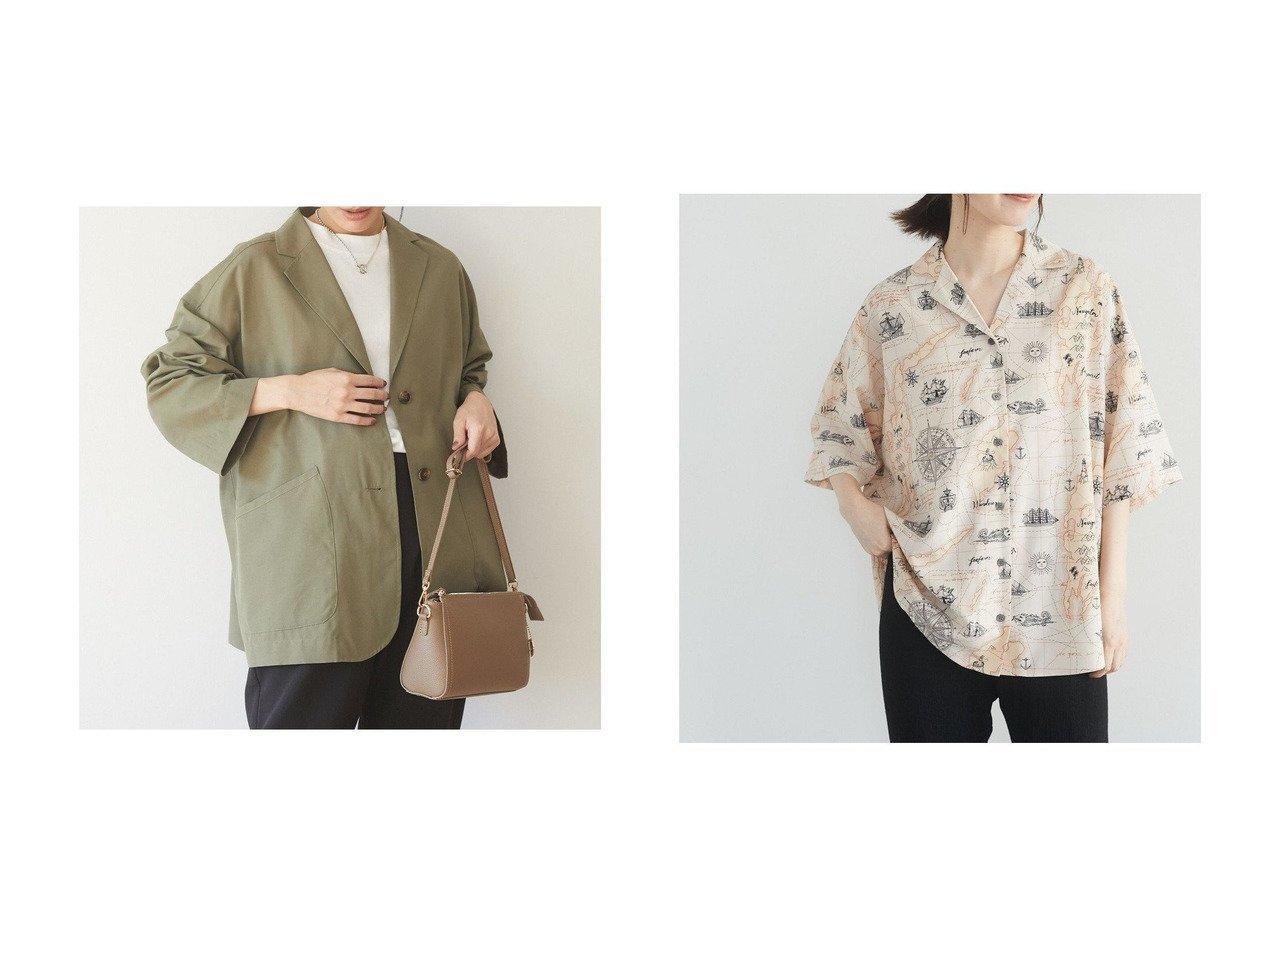 【Green Parks/グリーンパークス】のシャツジャケット&・RAY CASSIN アートガラカイキンシャツチュニック 【プチプライス・低価格】おすすめ!人気、トレンド・レディースファッションの通販 おすすめで人気の流行・トレンド、ファッションの通販商品 インテリア・家具・メンズファッション・キッズファッション・レディースファッション・服の通販 founy(ファニー) https://founy.com/ ファッション Fashion レディースファッション WOMEN ワンピース Dress チュニック Tunic アウター Coat Outerwear ジャケット Jackets 送料無料 Free Shipping チュニック ジャケット チェック |ID:crp329100000067505